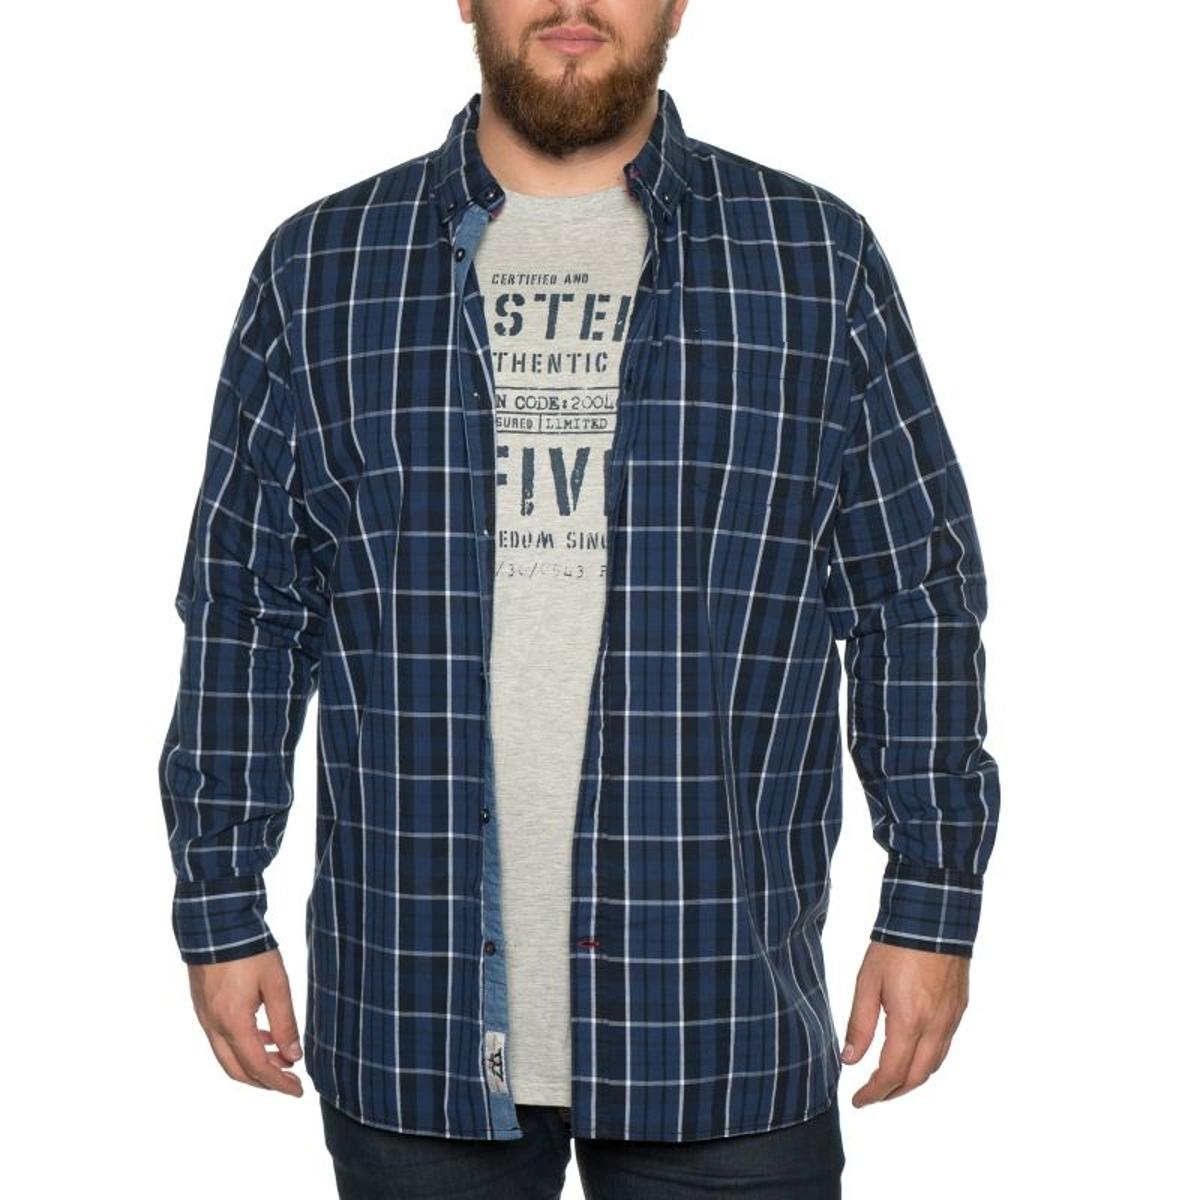 Chemise a carreaux warwick bleu avec un t-shirt gris